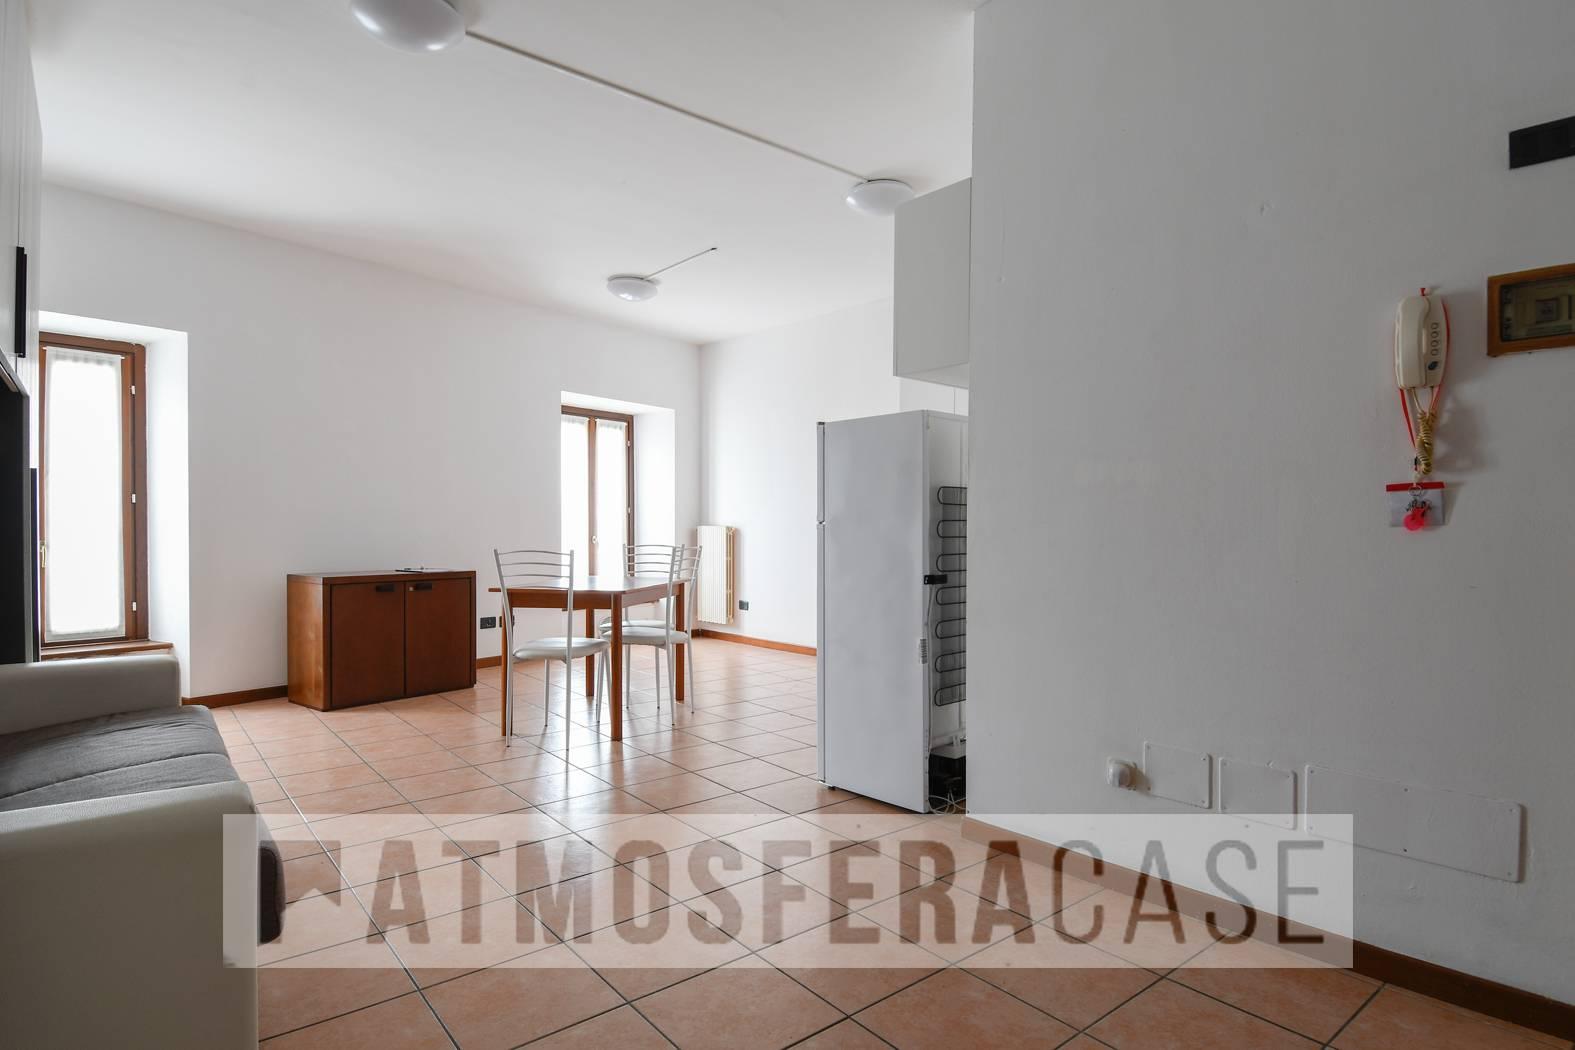 Appartamento in vendita a Ranica, 1 locali, prezzo € 69.000   CambioCasa.it